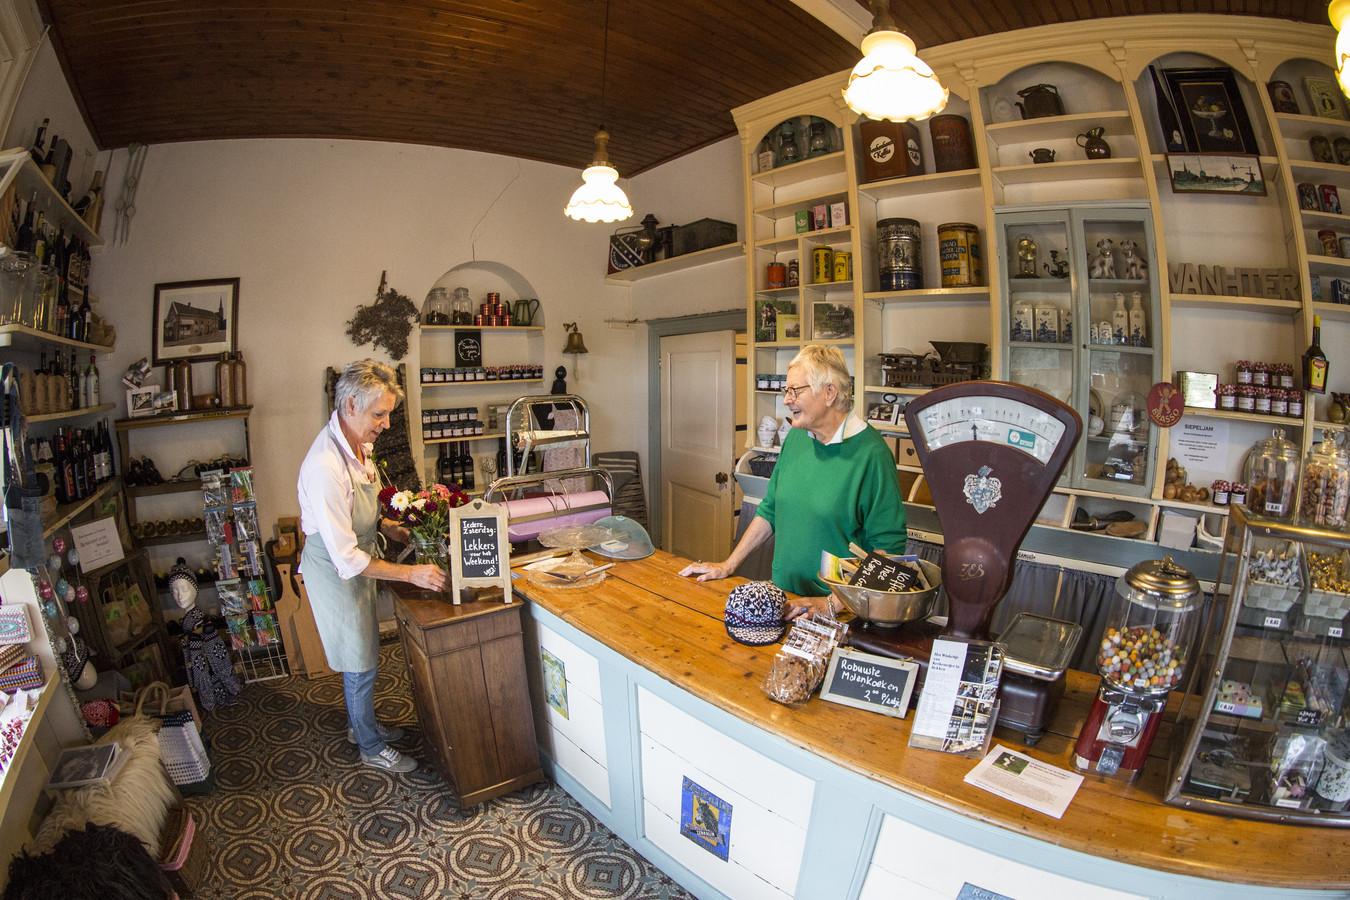 Het vroegere kruidenierswinkeltje van  Kerkemeijer pal naast het gelijknamig café is deze week een  jaar in gebruik bij vrijwilligers die er van alles verkopen. Anja van Rijnsoever (l) en Ria Kerkemeijer lopen het aanbod voorafgaand aan het volksfeest even na.